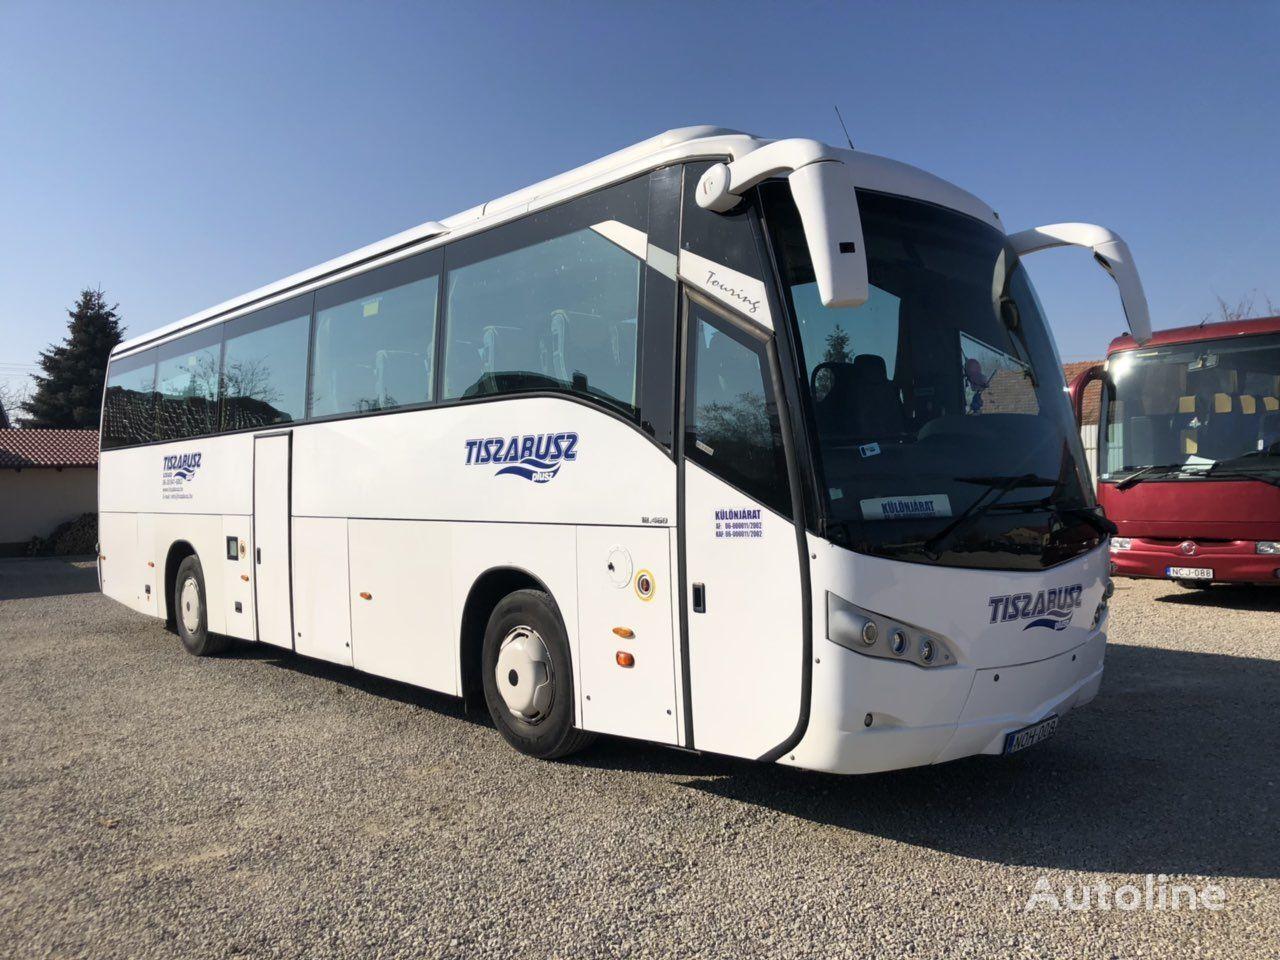 MAN coach bus